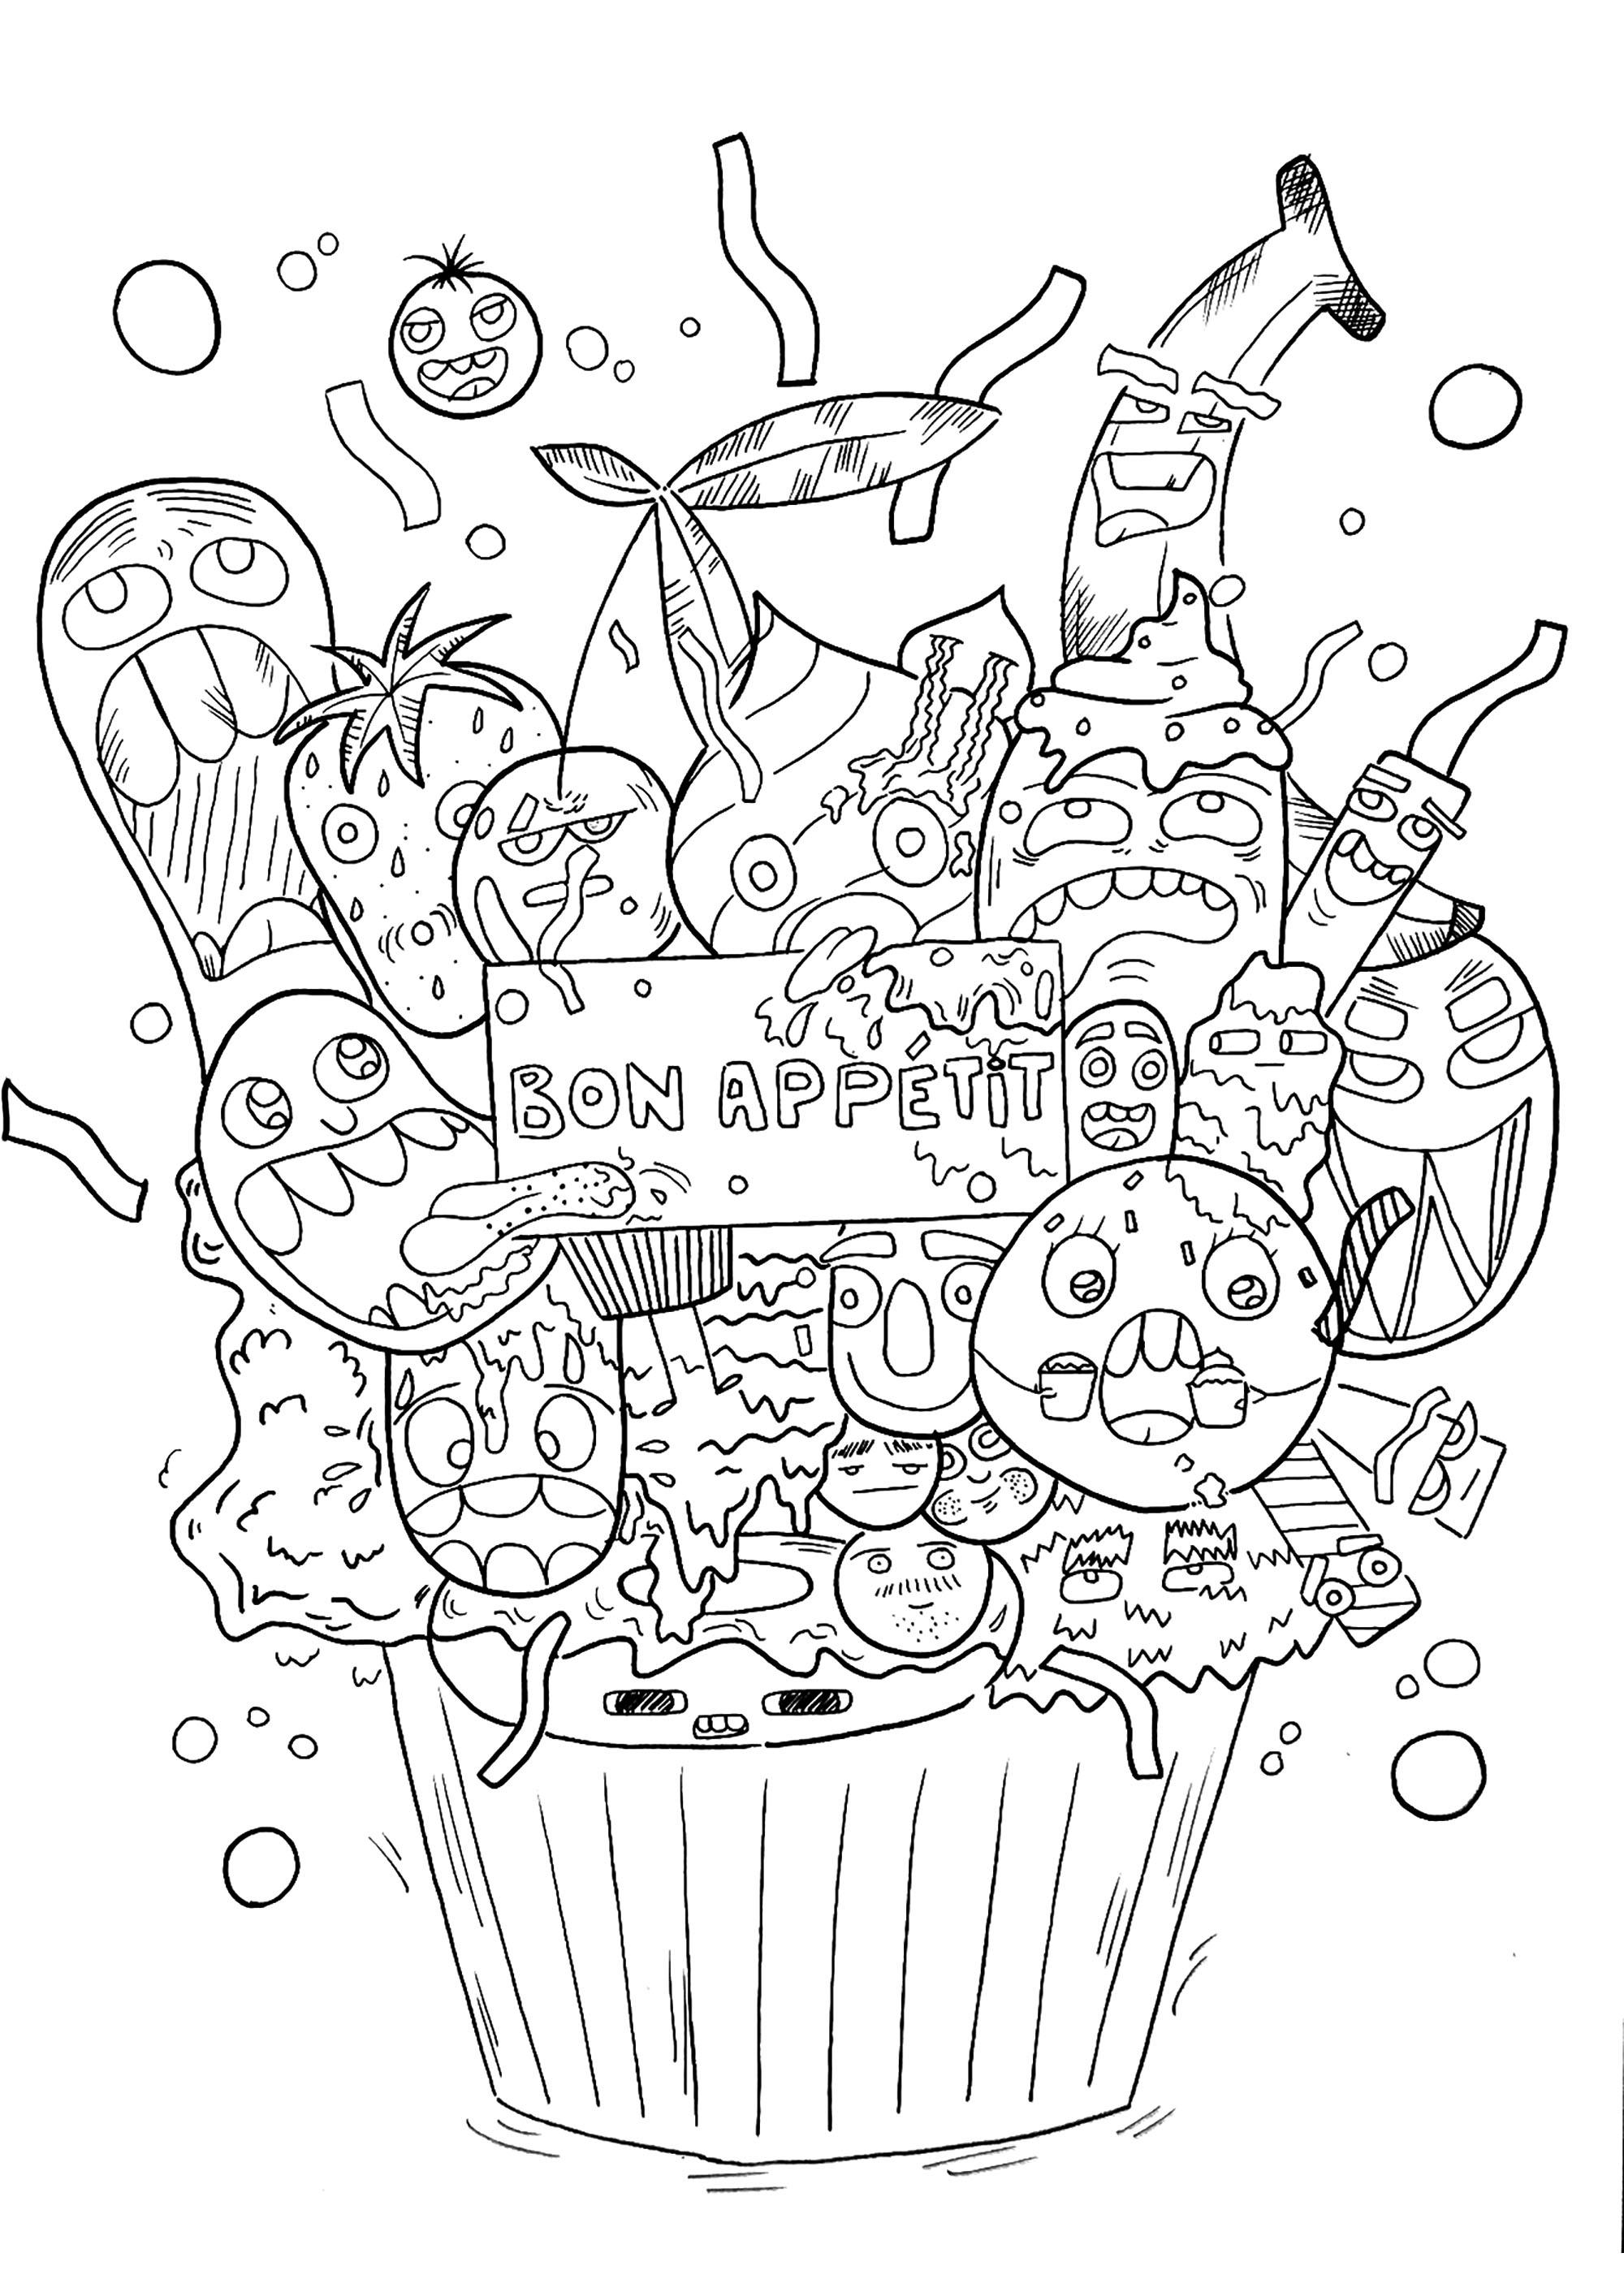 Cupcake doodle - Doodles - Coloriages difficiles pour adultes